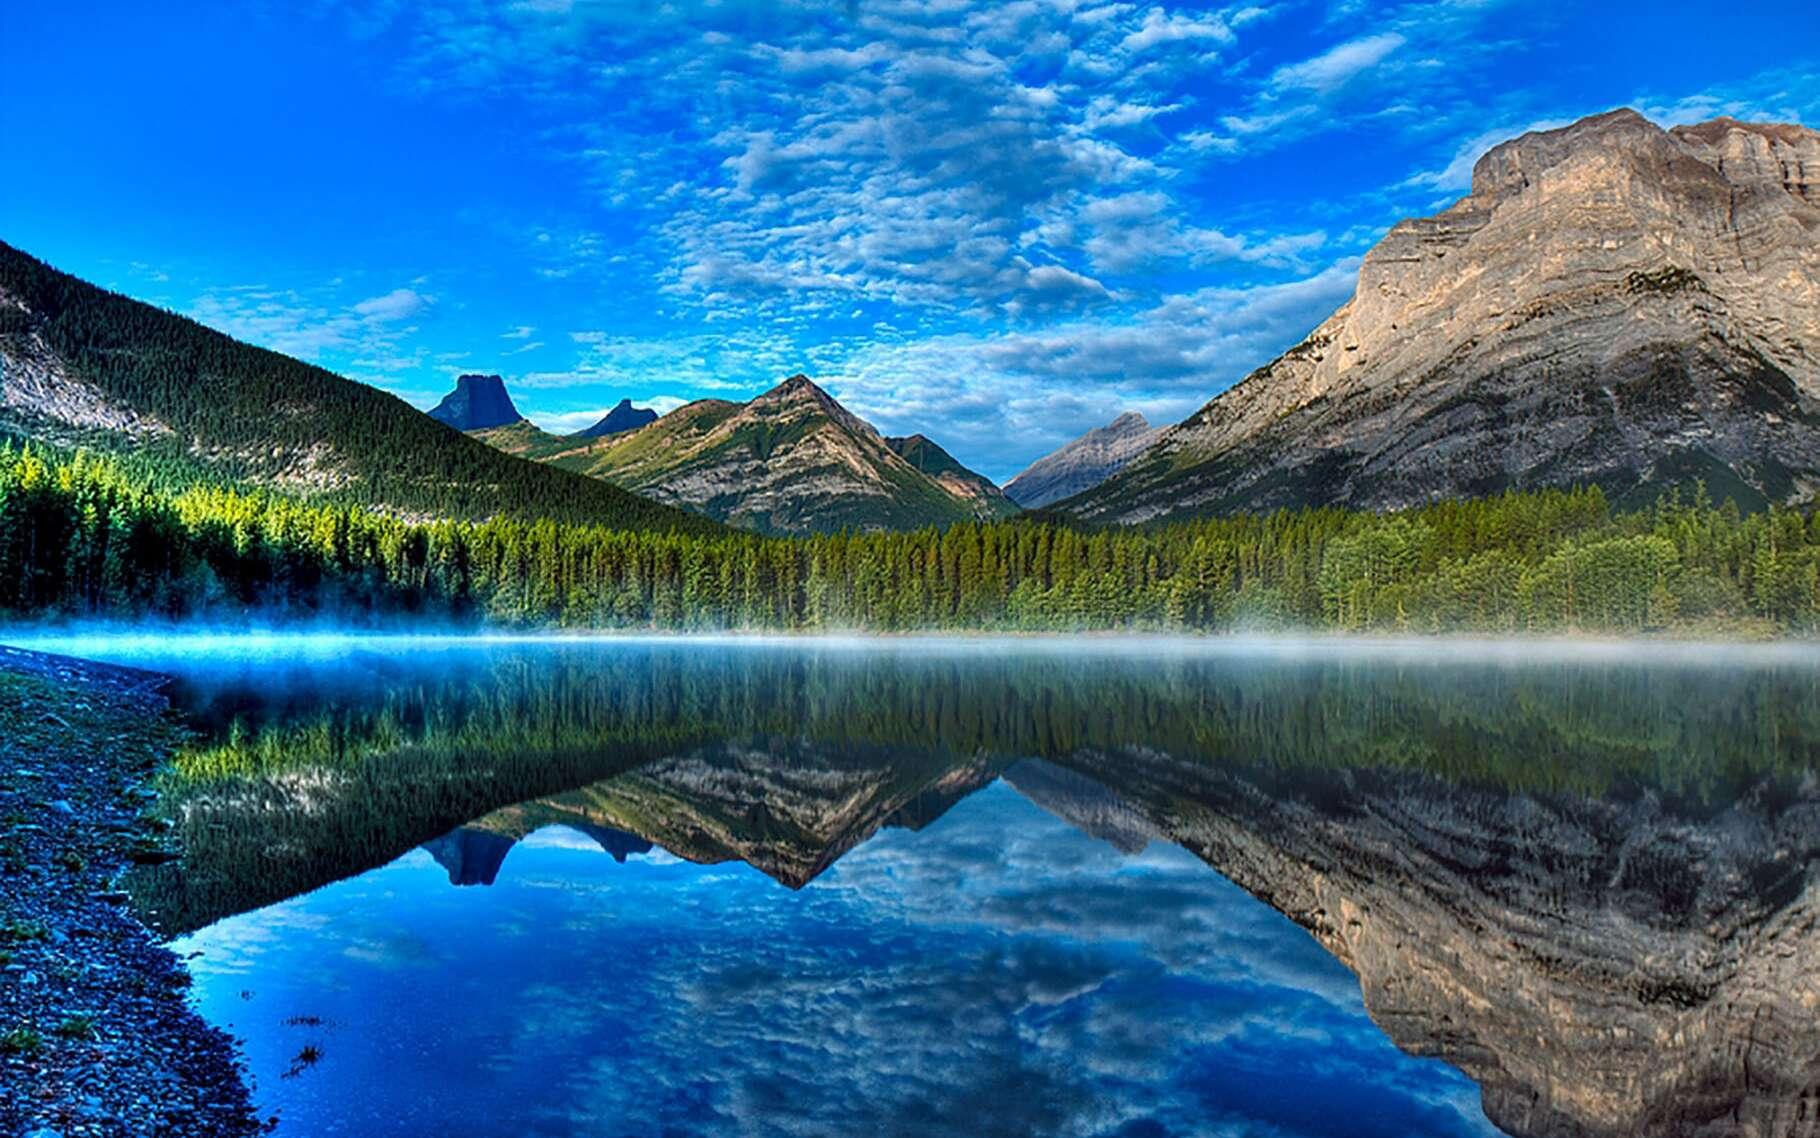 Dans une des provinces canadiennes, l'Alberta, se trouve le pays du Kananaskis. Il s'agit d'un ensemble de parcs principalement destinés au tourisme et aux loisirs, dont l'un est une réserve écologique. Au cœur de ce pays, dont le nom rendrait hommage à un indien d'une des tribus du peuple Cri, s'allonge un lac dénommé Wedge Pond. Littéralement « l'étang du coin ». Un lieu connu pour ses randonnées et autres loisirs d'extérieur, comme le ski de fond ou la luge en hiver.Un sentier de seulement un kilomètre de long, longeant l'étang, explique son histoire grâce à plusieurs pancartes. La première titille la curiosité. Elle raconte que Wedge Pond ne disposait que d'un mètre de profondeur quelques années auparavant mais que cette époque est désormais révolue. Cette faible taille, le laissant geler entièrement l'hiver, et parfois s'assécher en été, ce qui rendait la survie des poissons impossible ne serait plus un problème aujourd'hui. Pourquoi ? La réponse se trouve au Canada !© 2009, Alan et Elaine Wilson